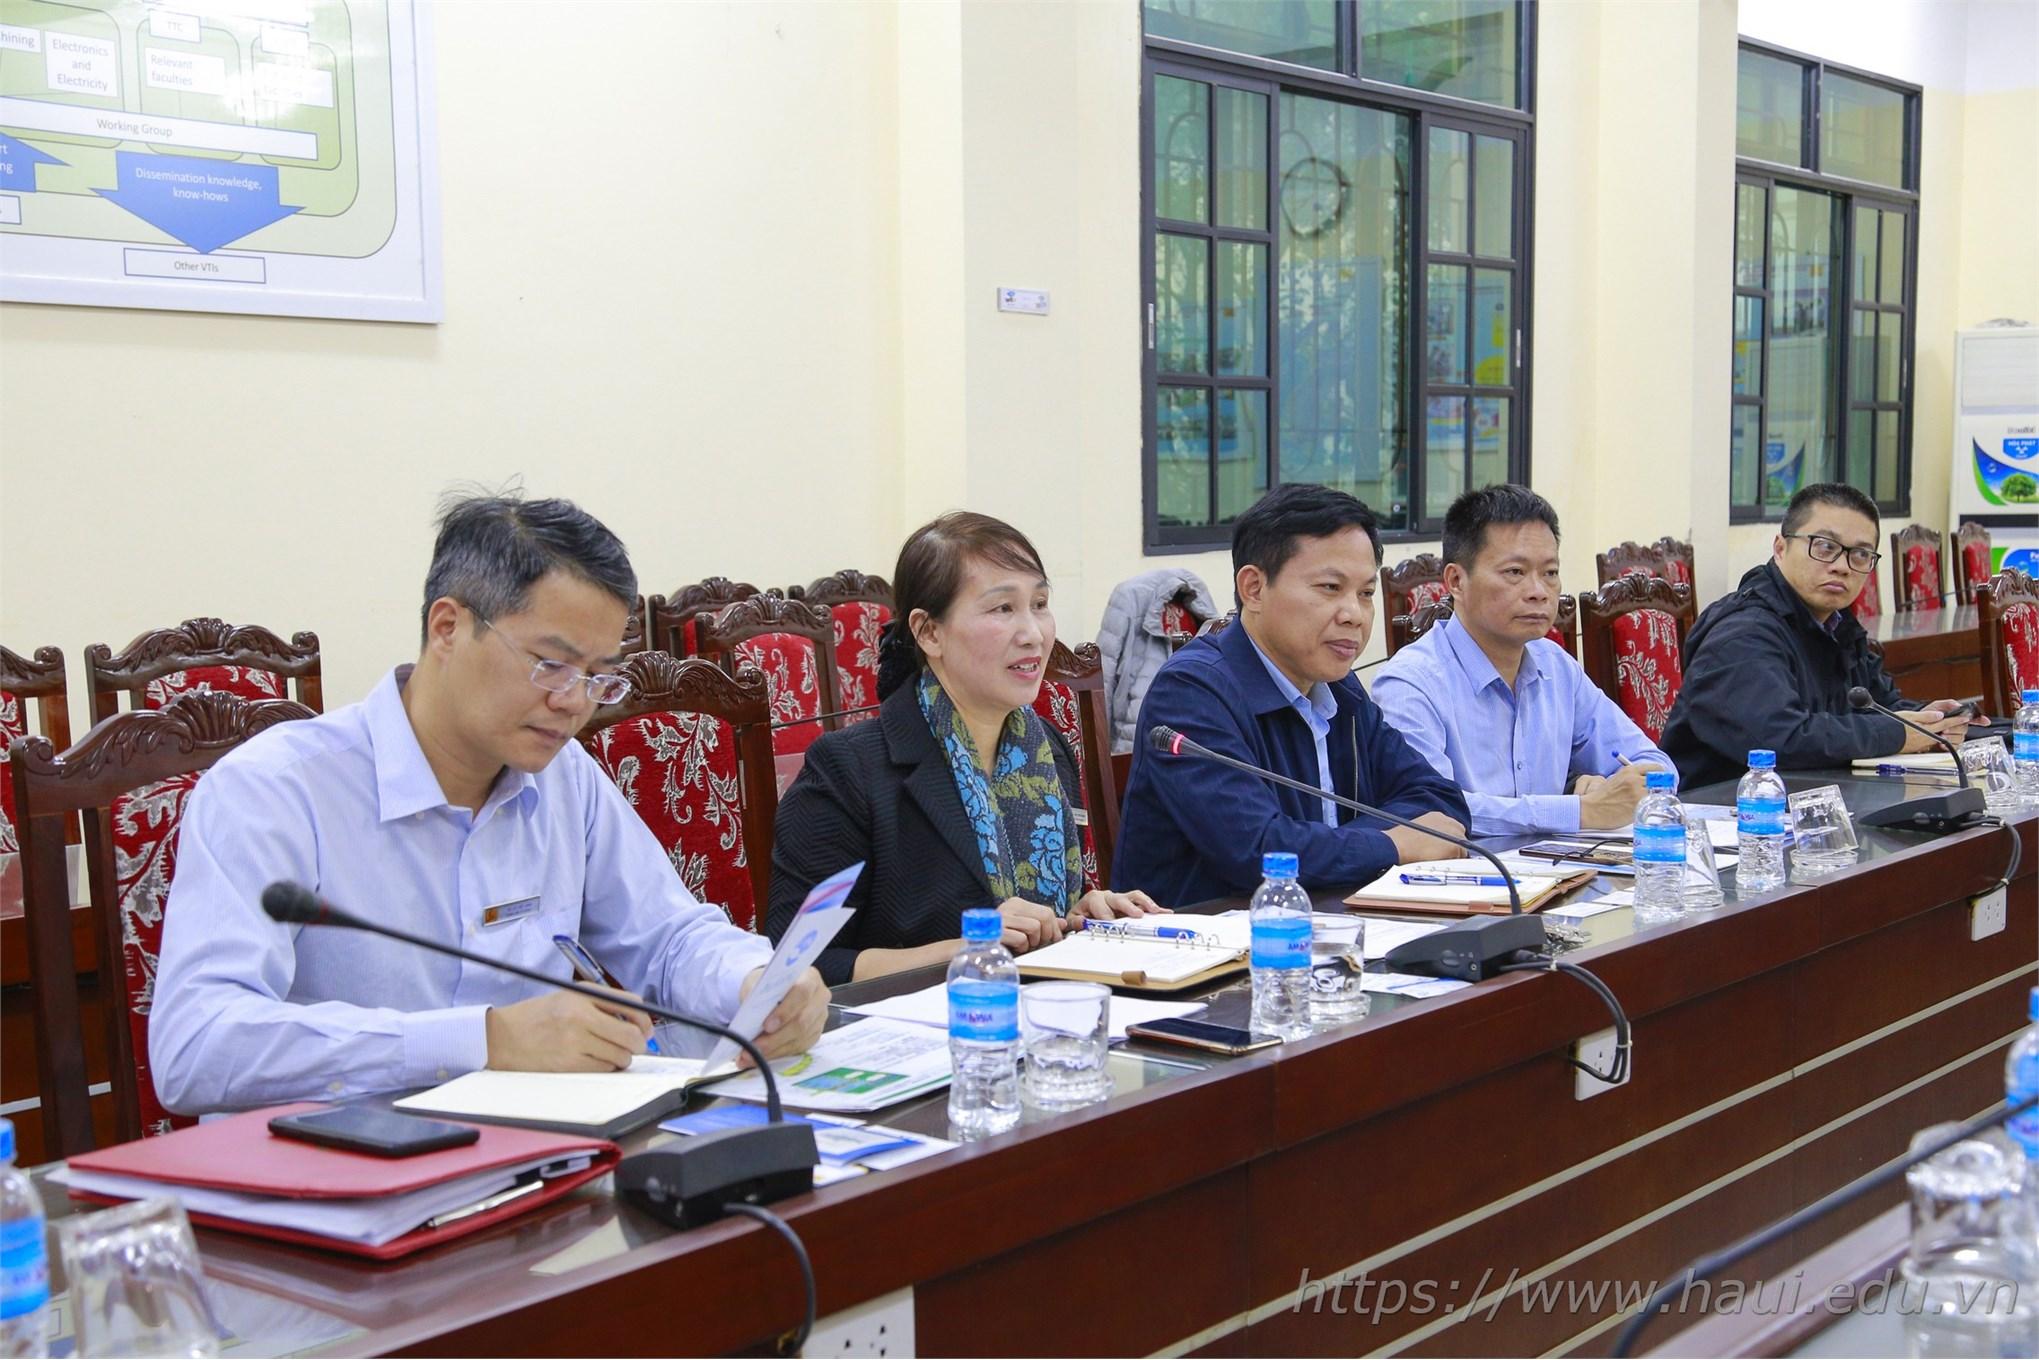 Trường Đại học Công nghiệp Hà Nội đón tiếp đoàn đại biểu tỉnh Aomori Nhật Bản